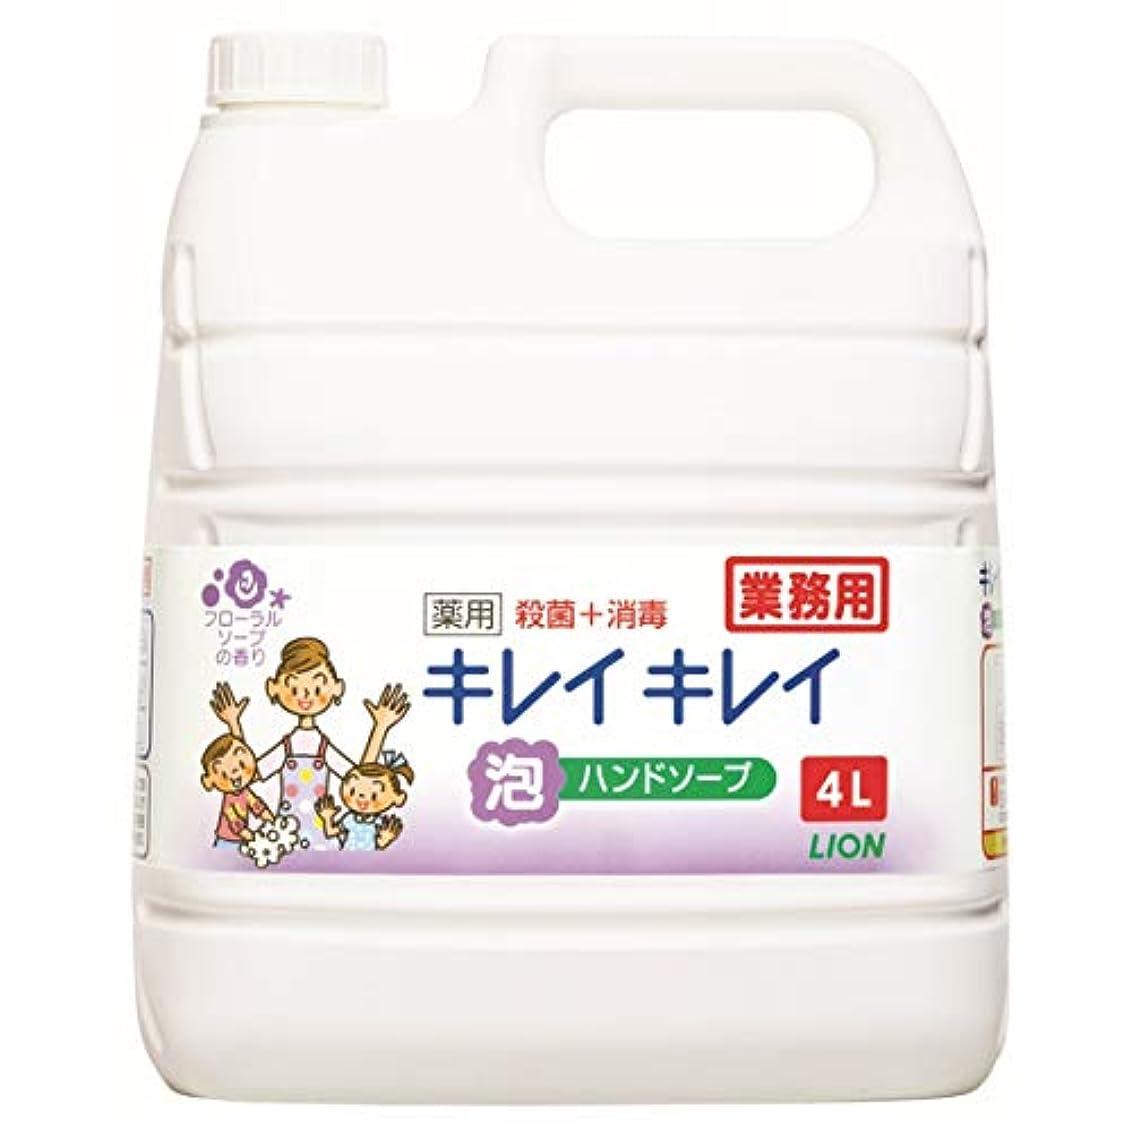 時折入り口連続した【業務用 大容量】キレイキレイ 薬用 泡ハンドソープフローラルソープの香り 4L(医薬部外品)